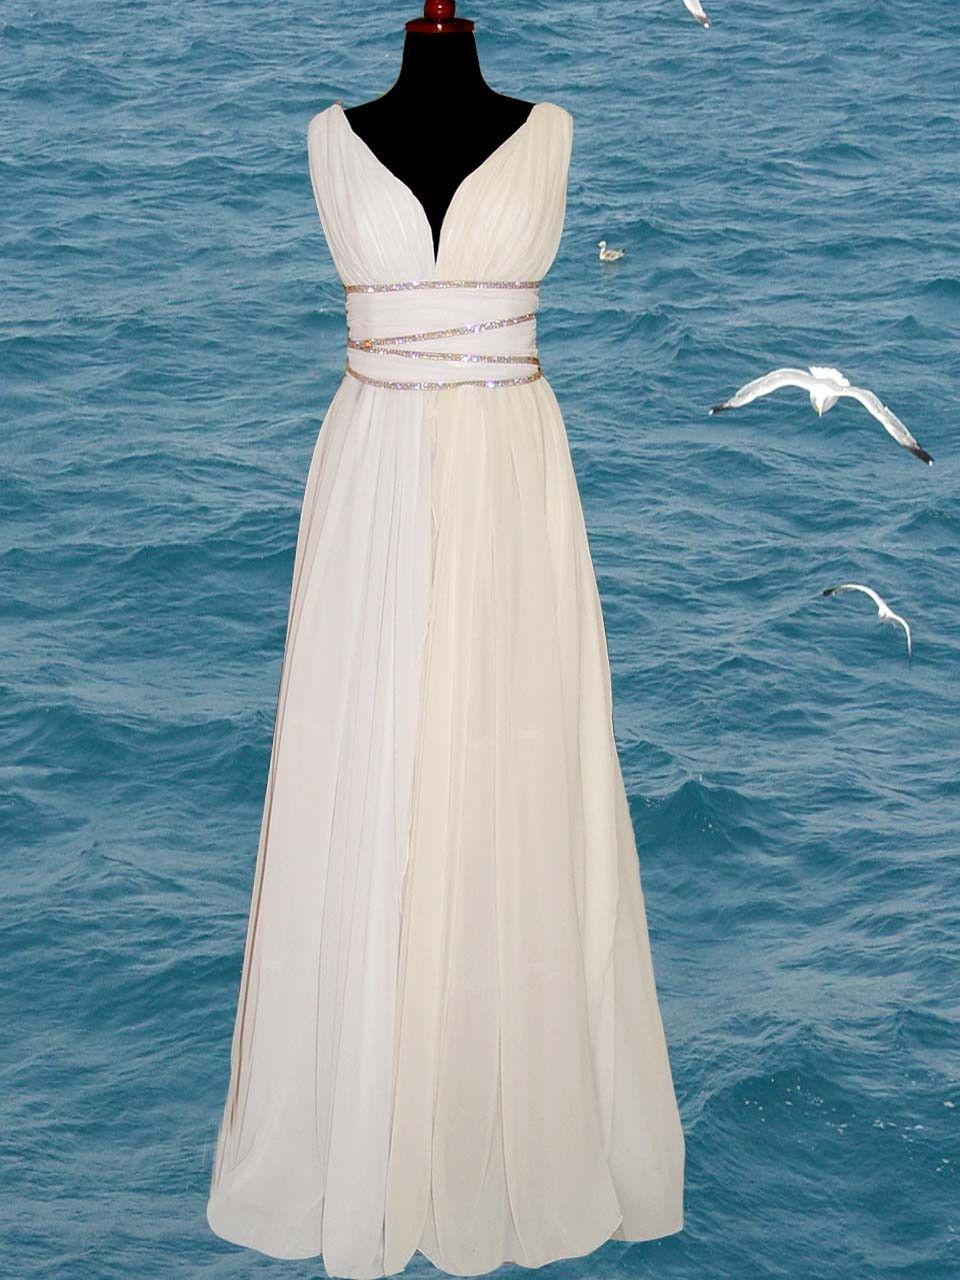 Greek goddess inspired dresses greek style wedding for Goddess style wedding dresses